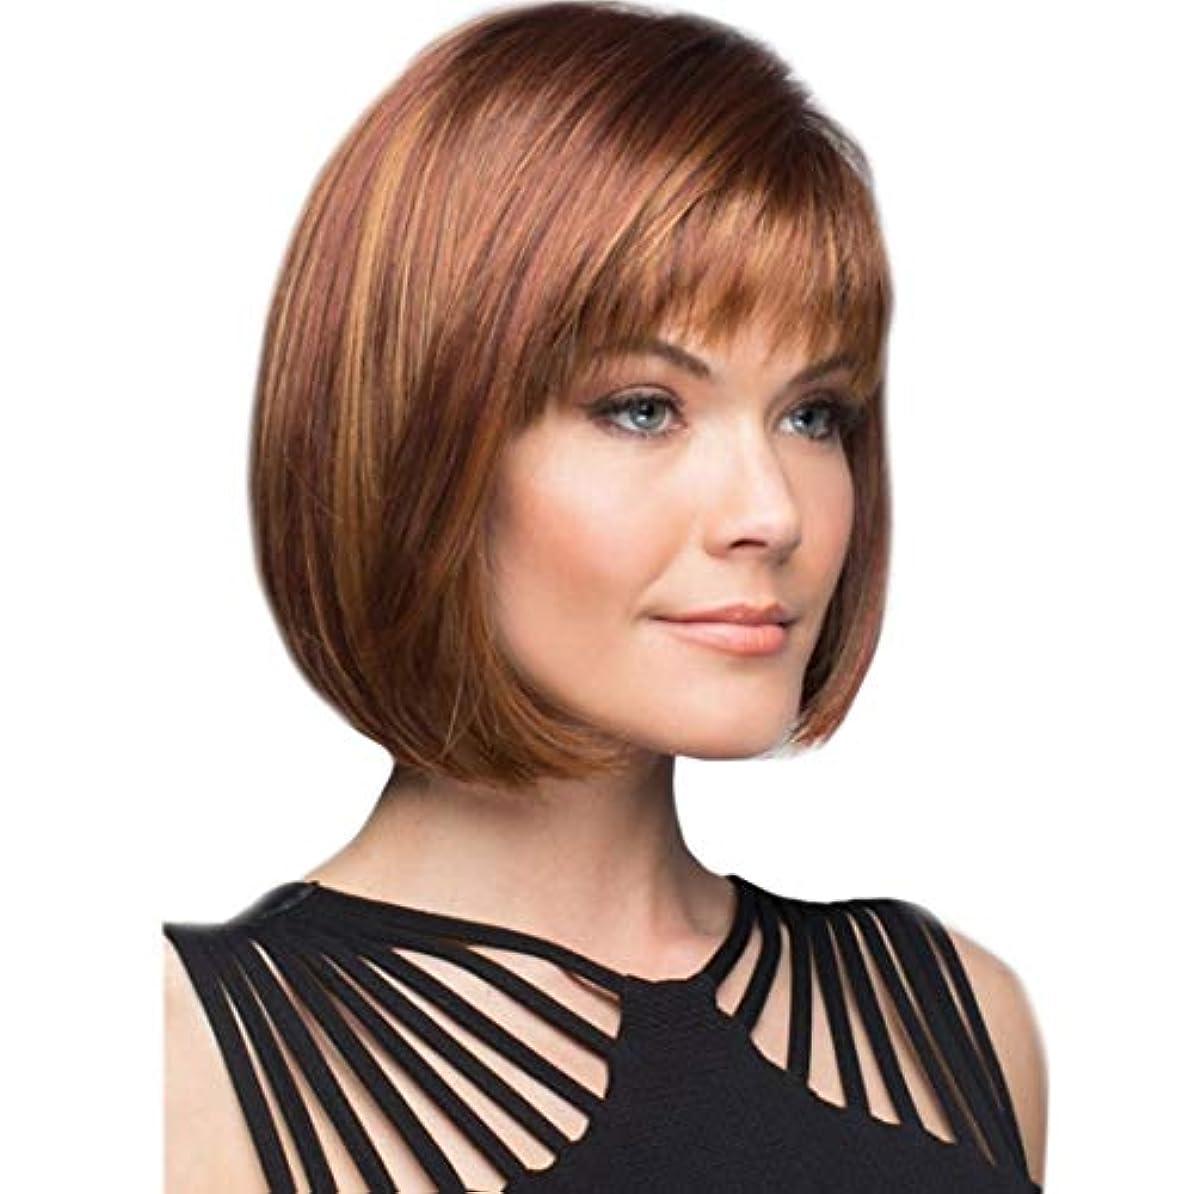 対処受粉者アサーKerwinner ショートボブの髪ウィッグストレート前髪付き合成カラフルなコスプレデイリーパーティーウィッグ本物の髪として自然な女性のための